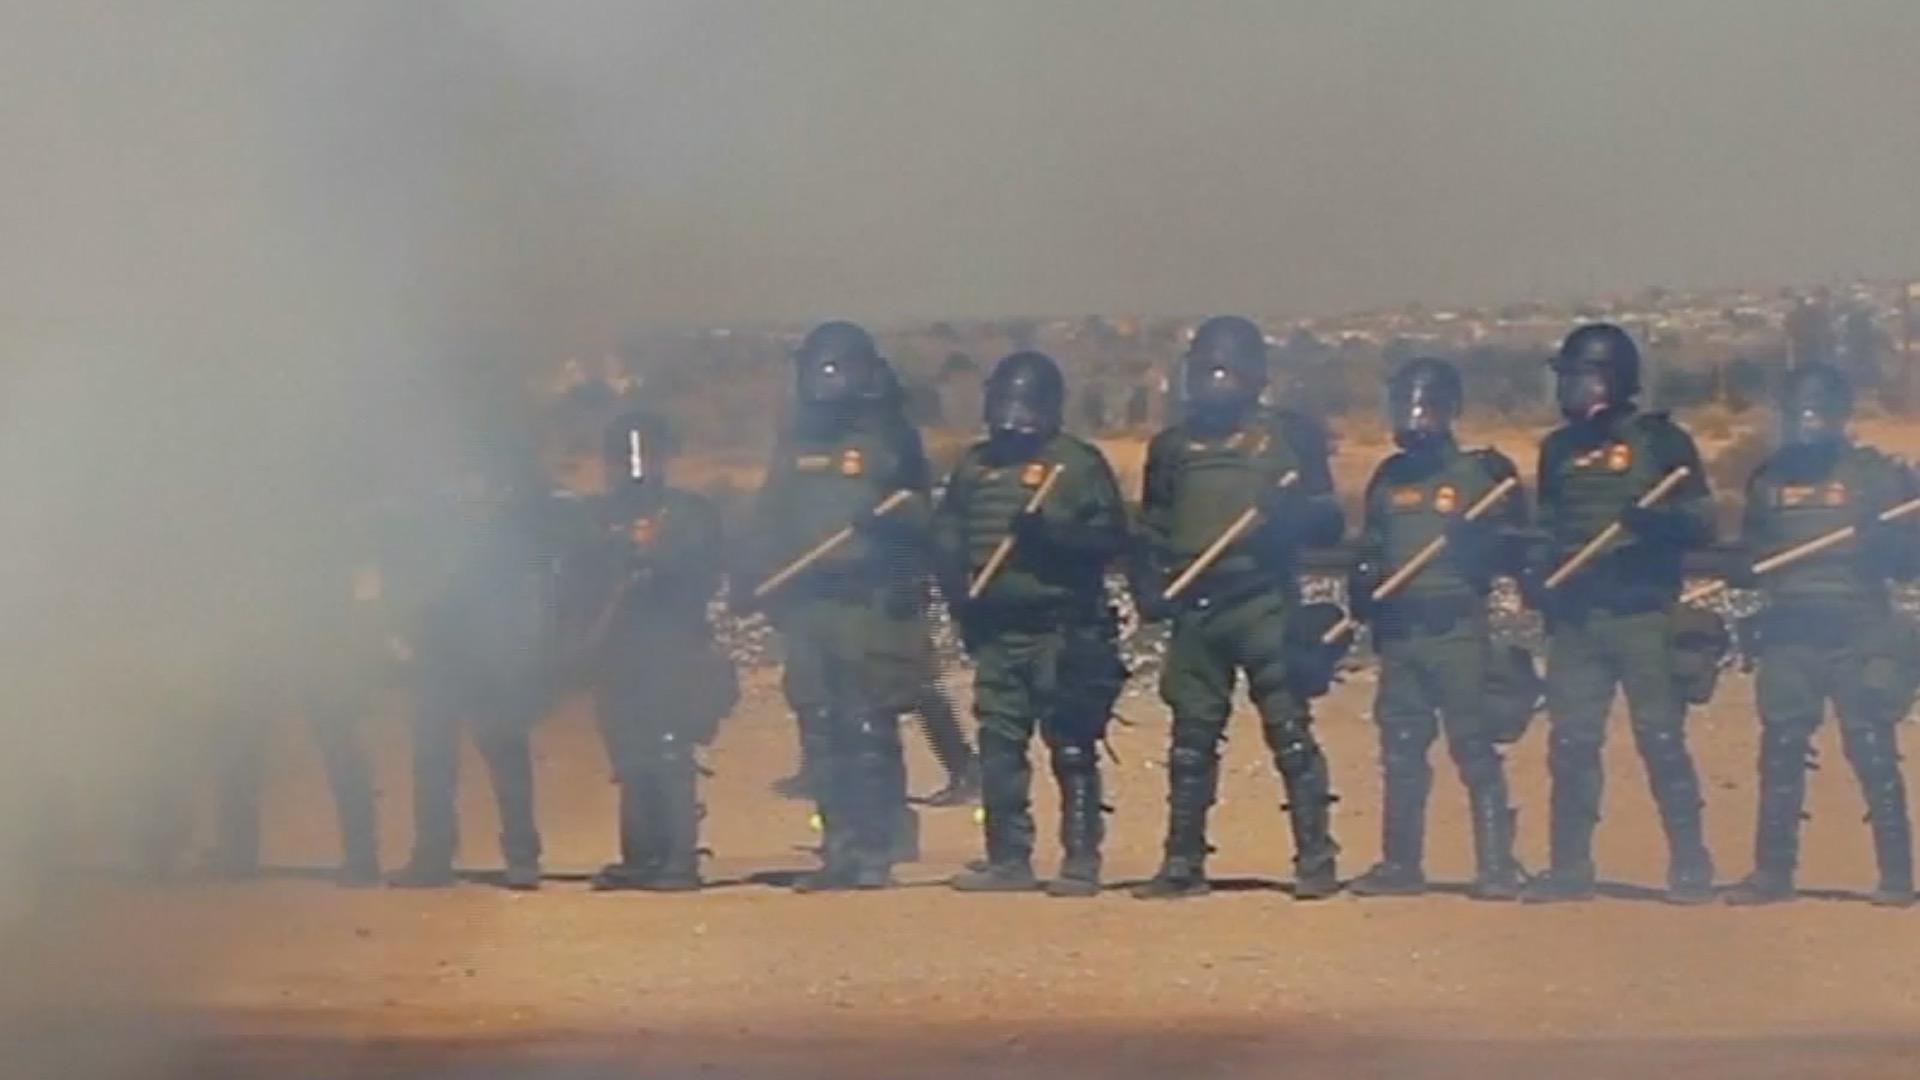 Officers in smoke tear gas